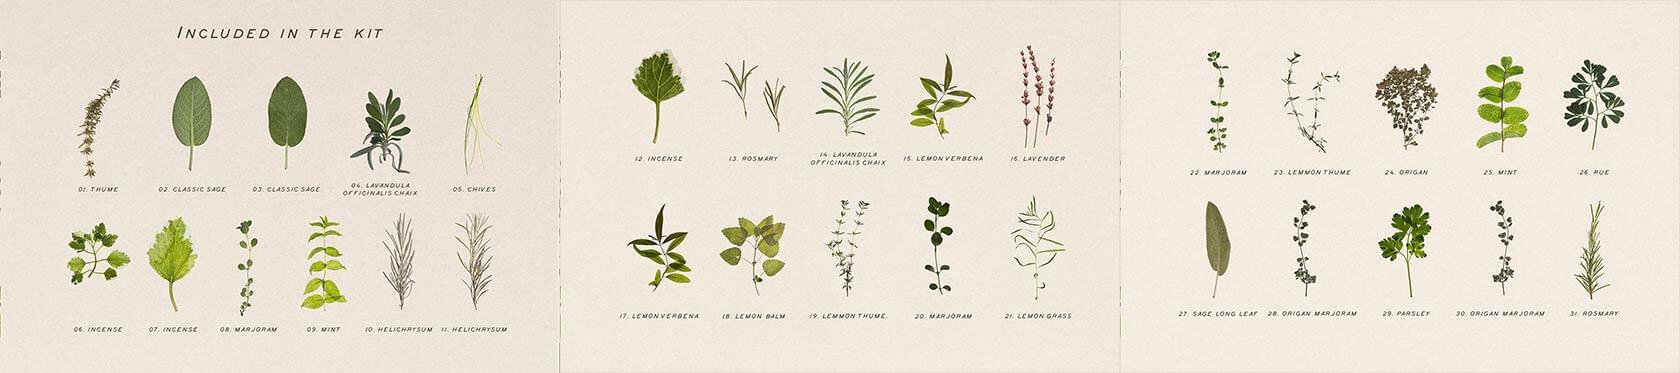 Pressed-Dry-Herbs-Vol-3-2